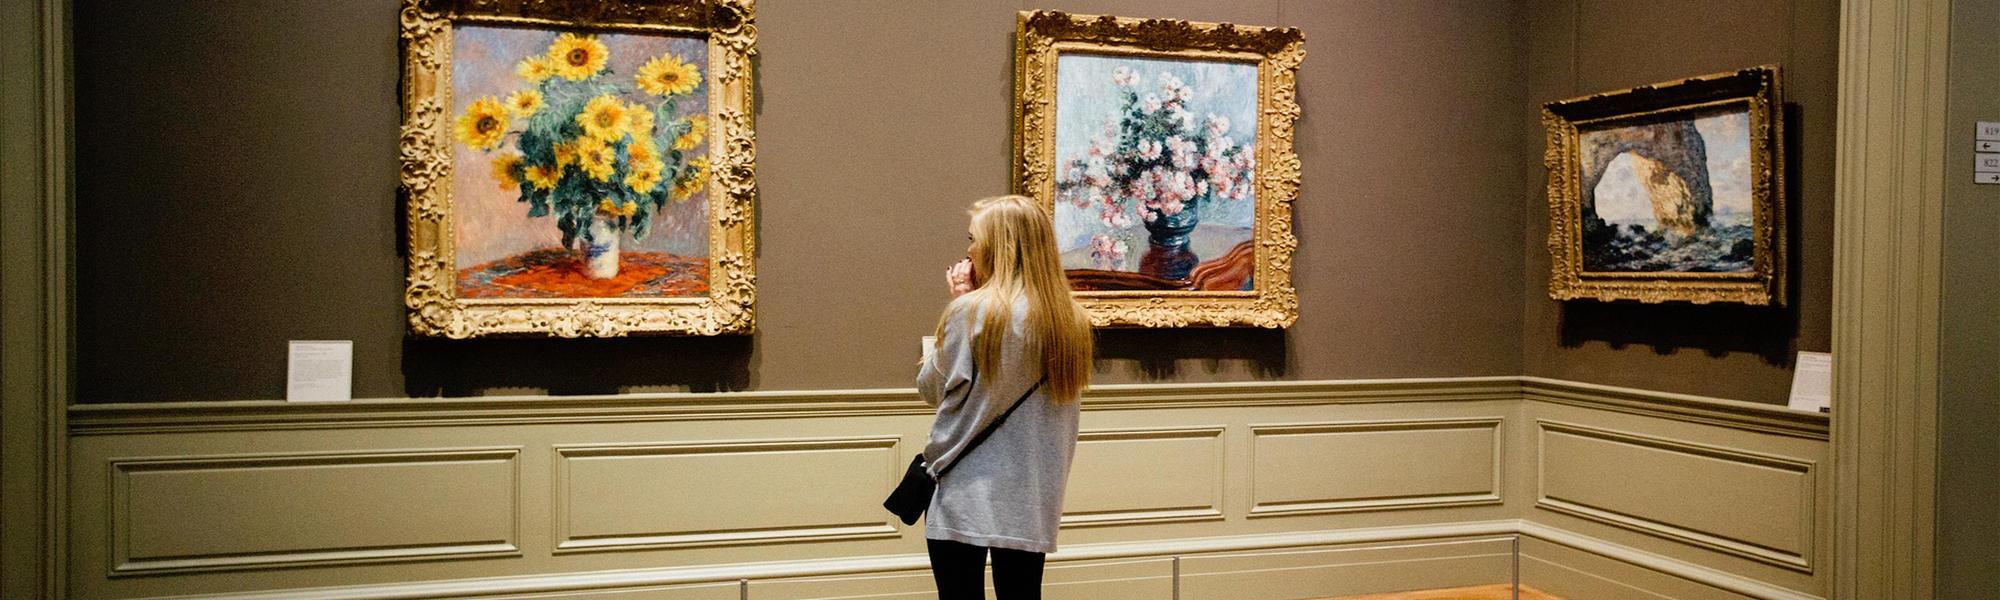 Mantenere un corretto livello di umidità all'interno dei musei